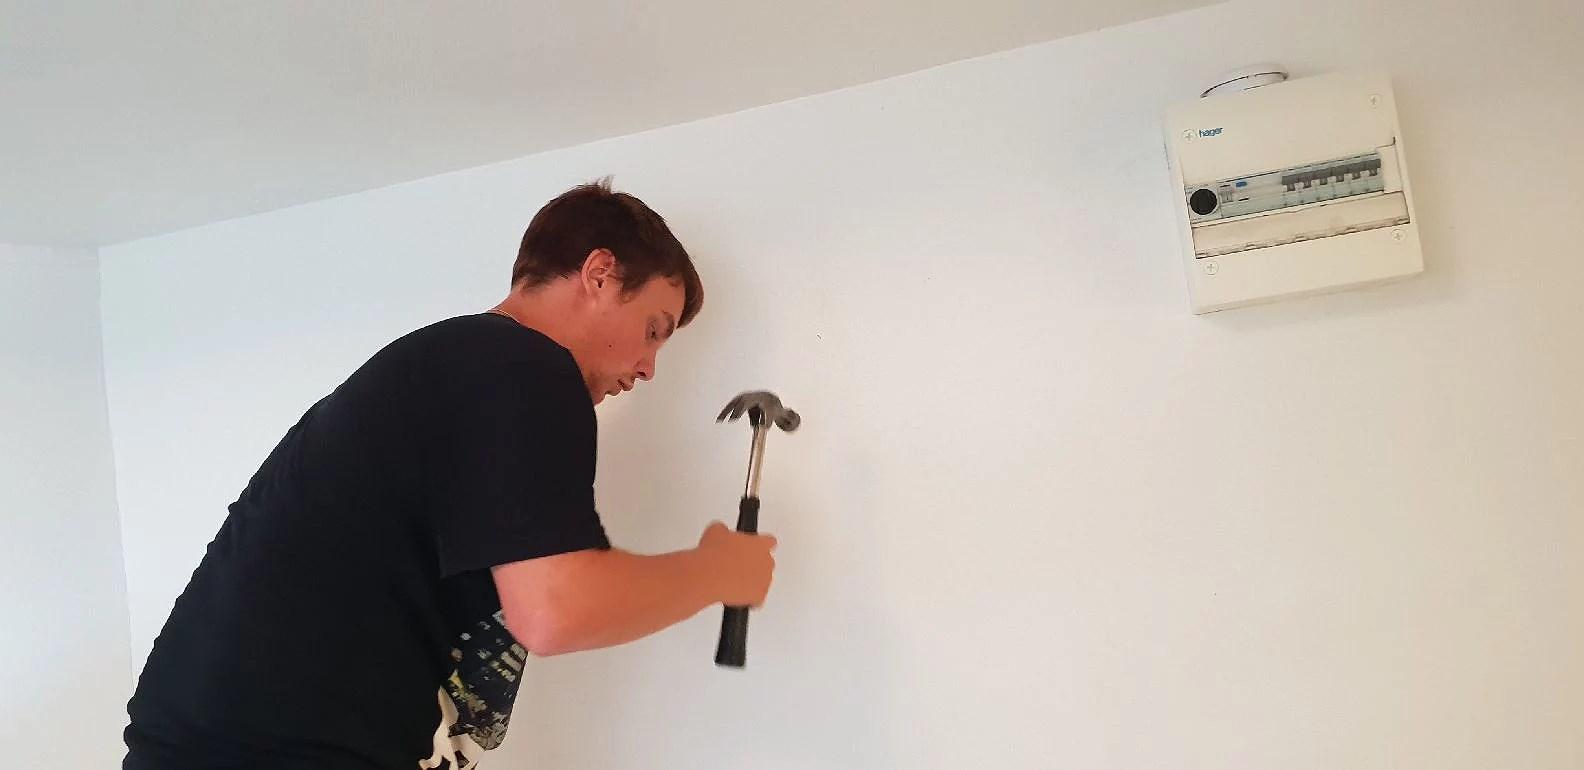 Sätter upp tavlor